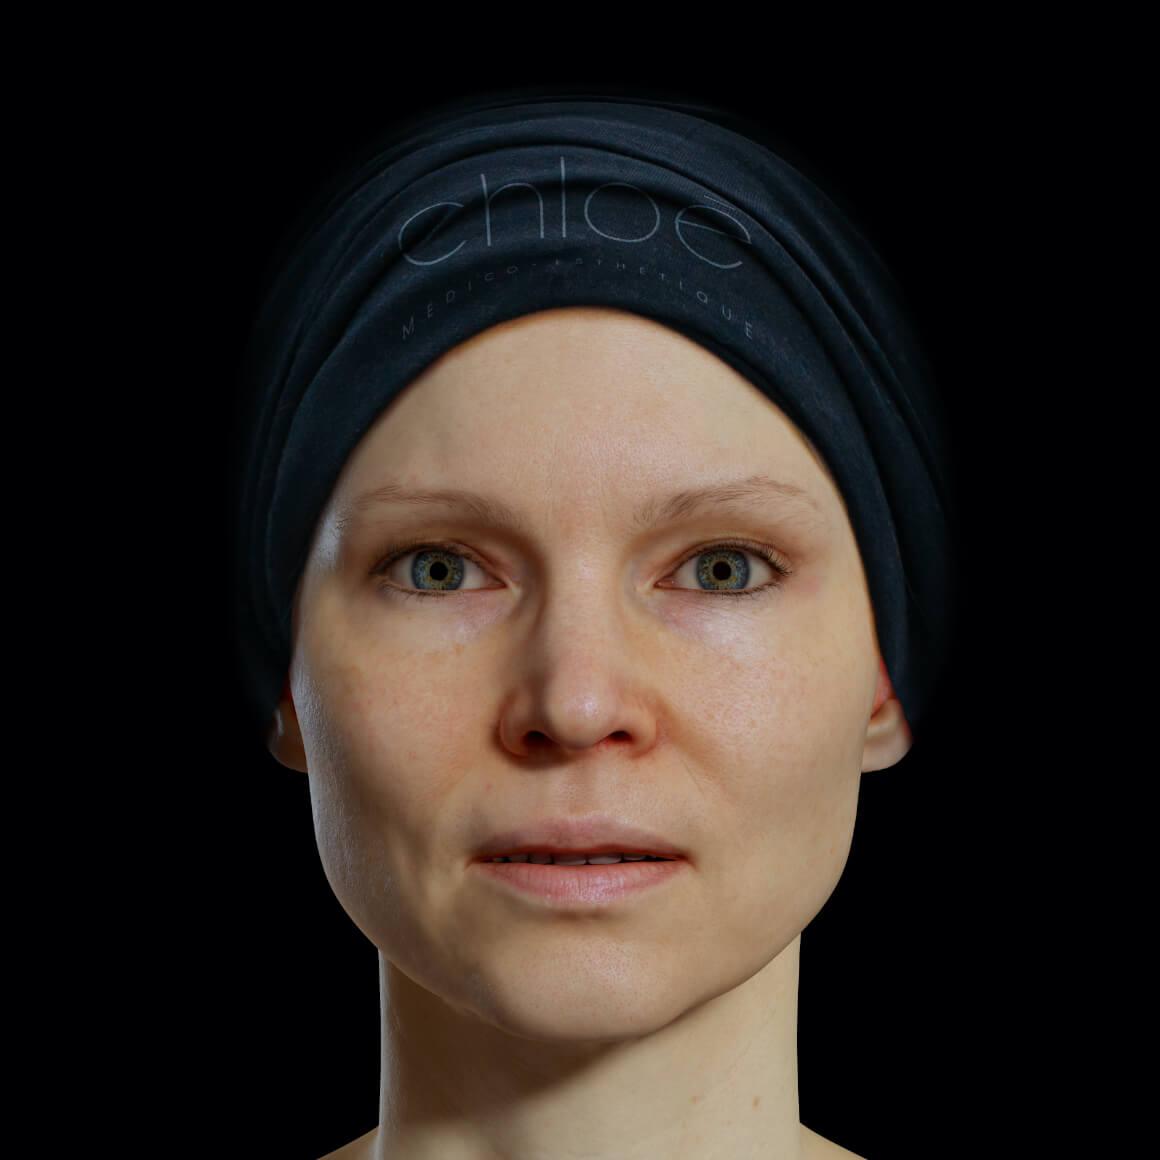 Patiente de la Clinique Chloé de face après des traitements de radiofréquence Venus Legacy pour estomper les rides